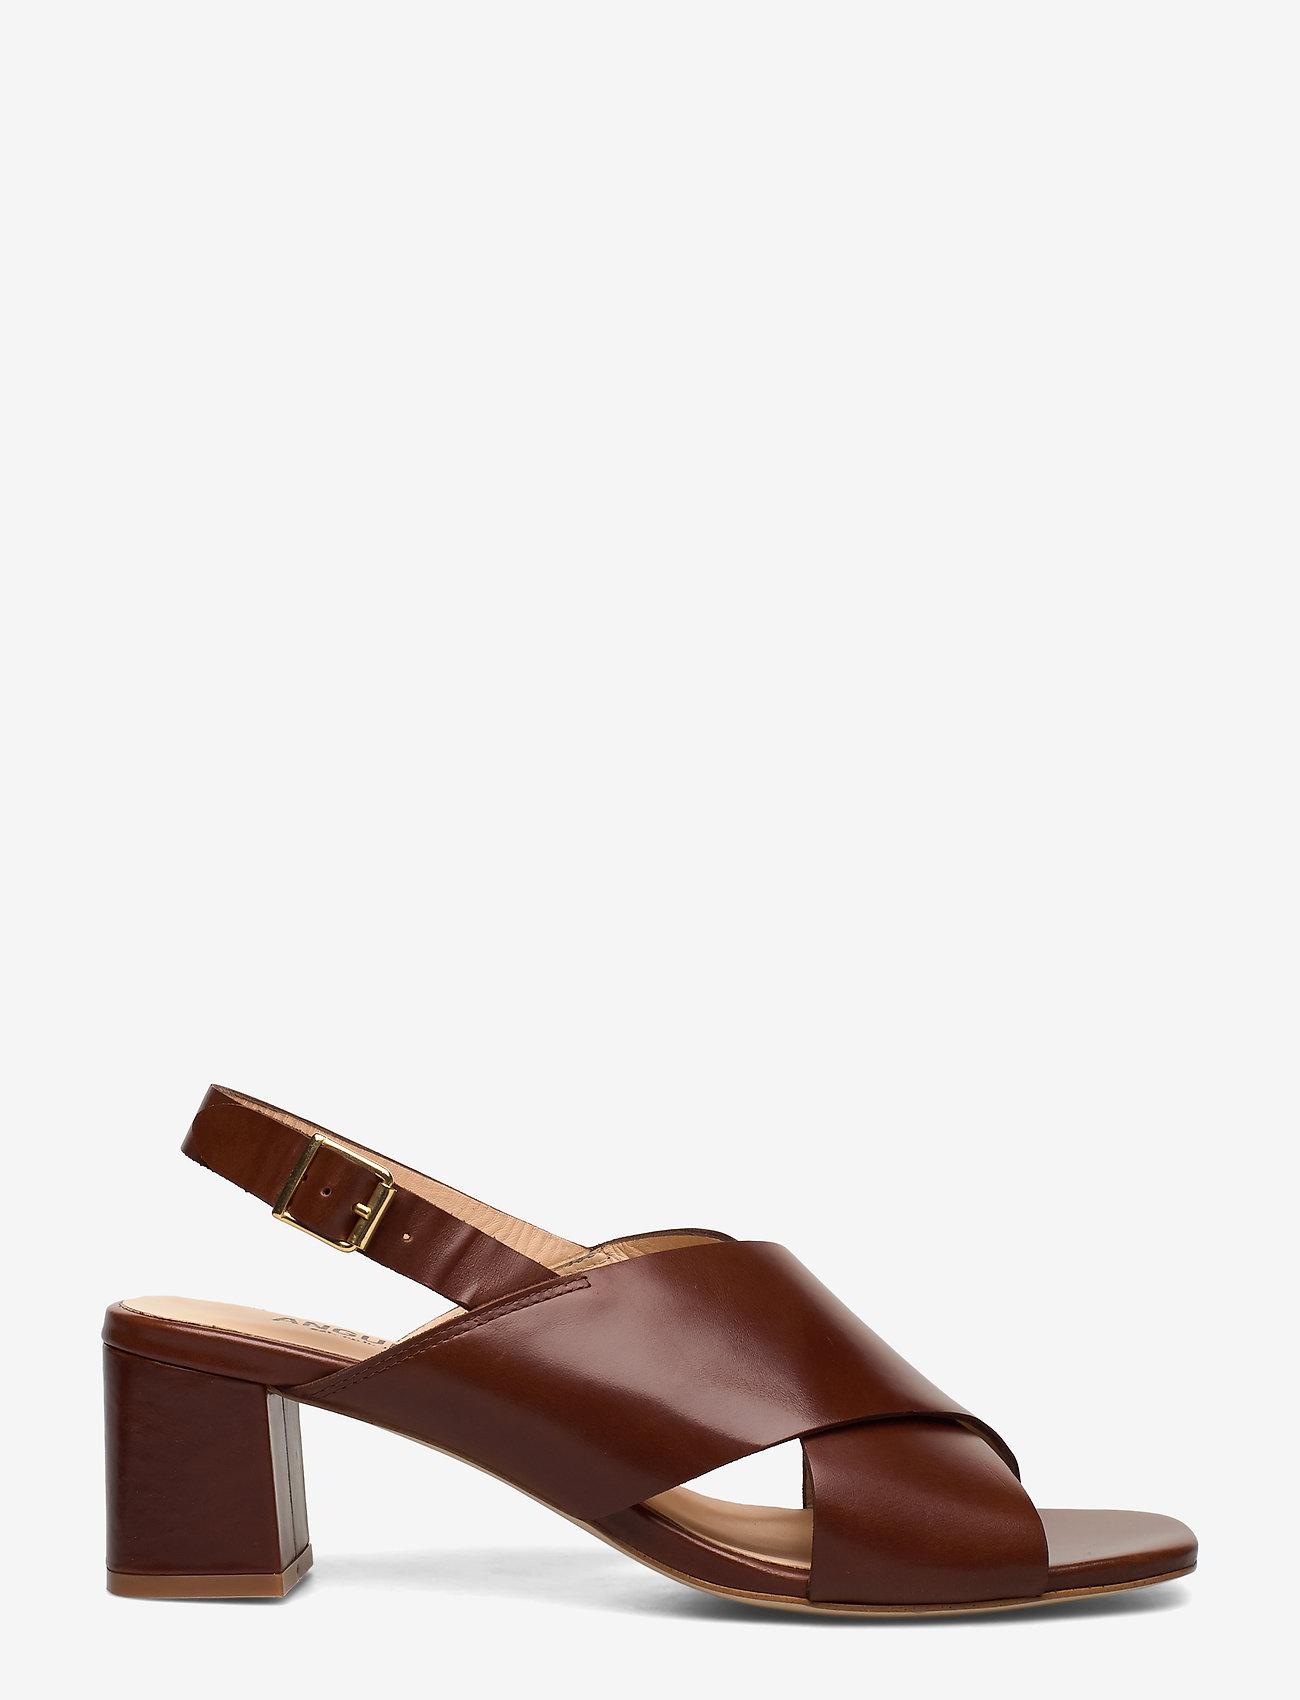 ANGULUS - Sandals - Block heels - sandalen met hak - 1837 brown - 1